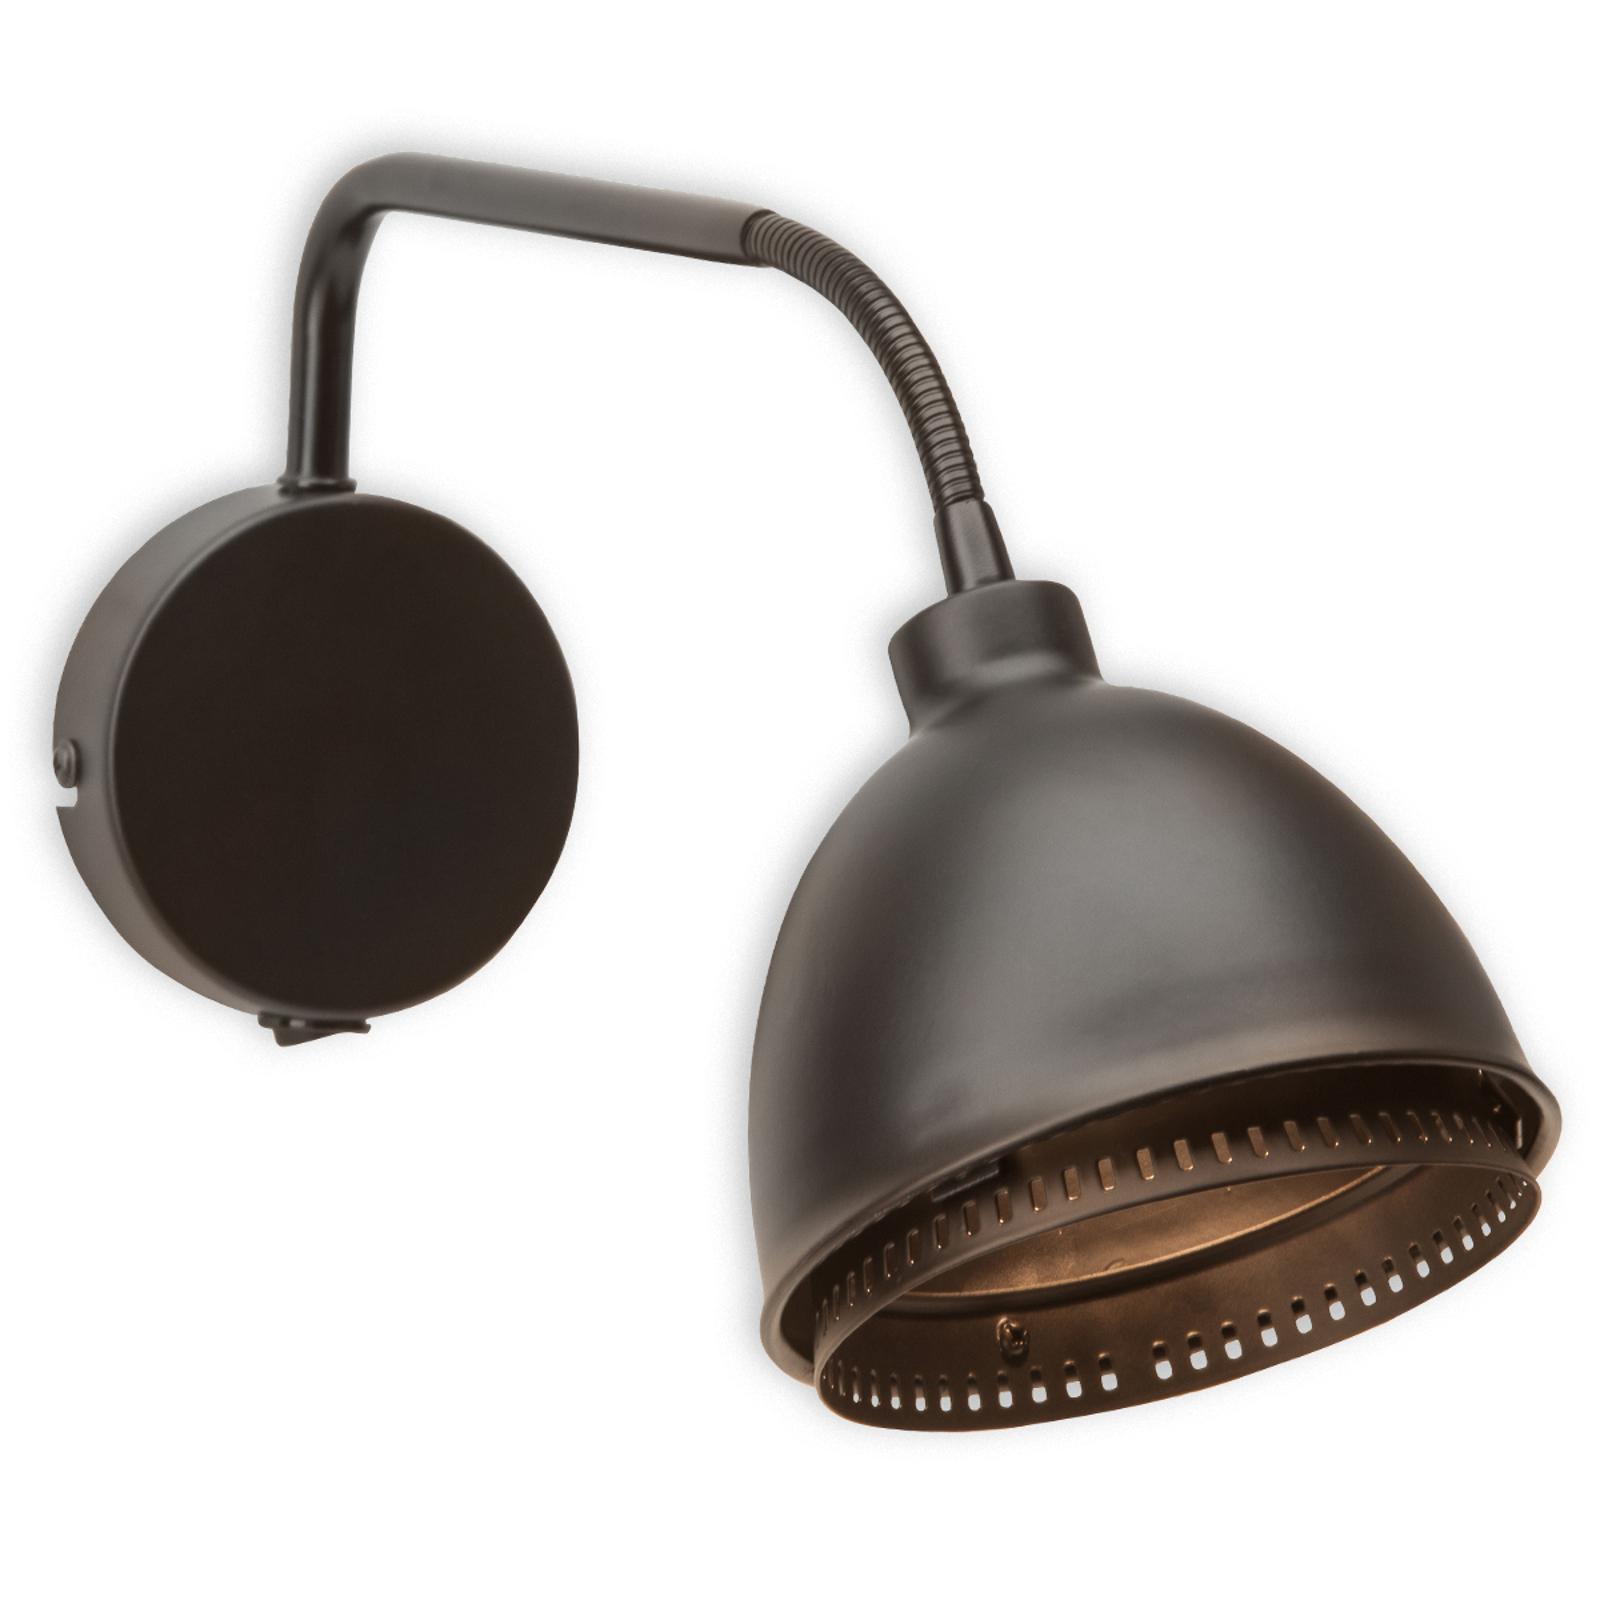 Skirt čierne nástenné svietidlo priemyselný dizajn_1509065_1